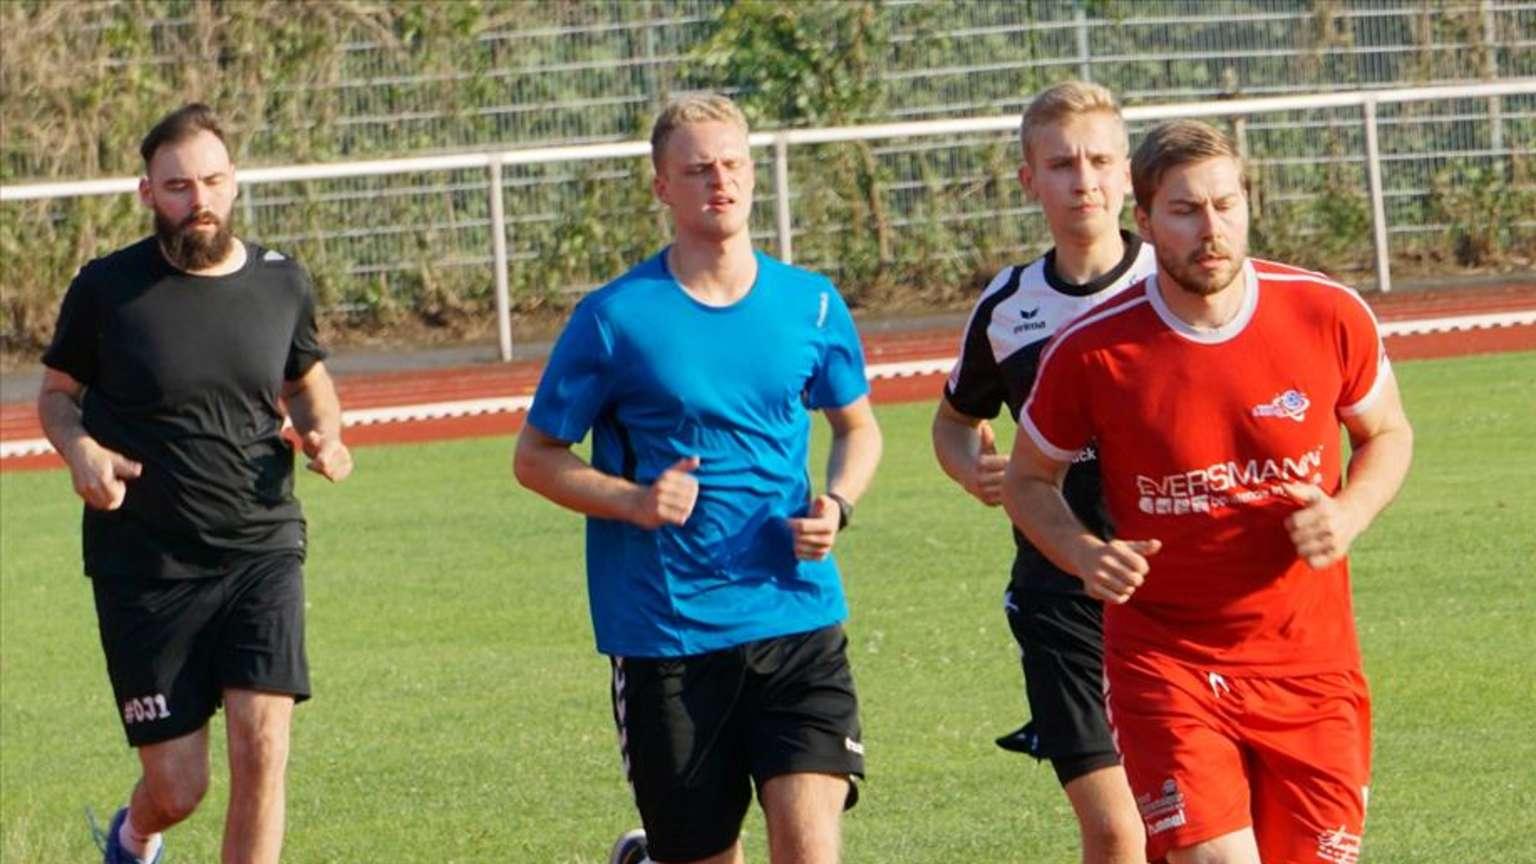 Mit einem Lauftest starteten die Handballer des RSV Altenbögge in die neue Saison.© Dustin Wollek